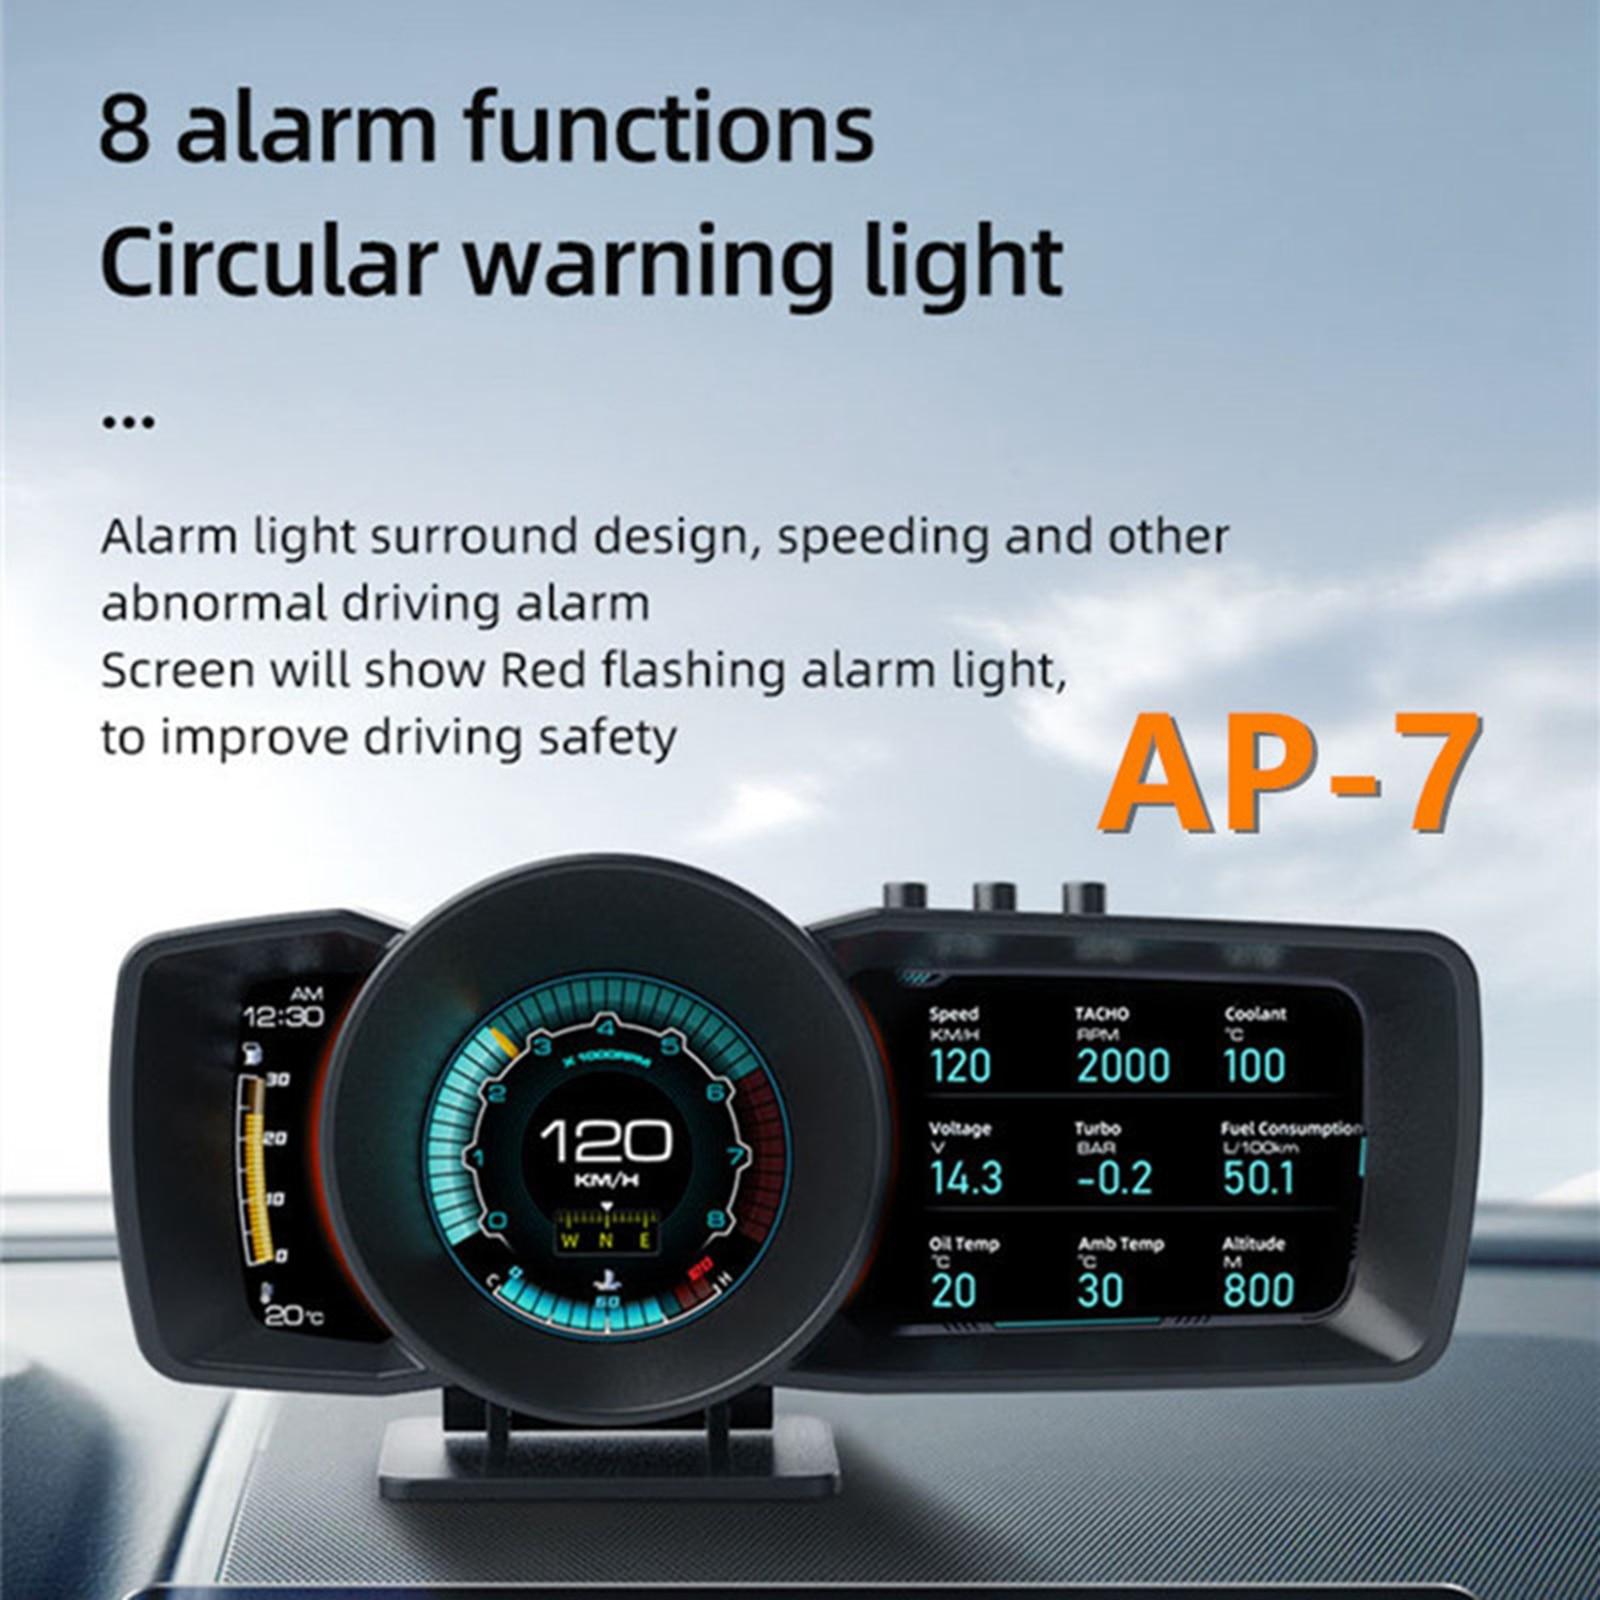 Автомобильный дисплей на лобовое стекло A600 3,5 дюйма, 3,5 дюйма, HUD OBD II GPS, двигатель с оборотом в минуту, напряжение охлаждающей жидкости, турбо ...